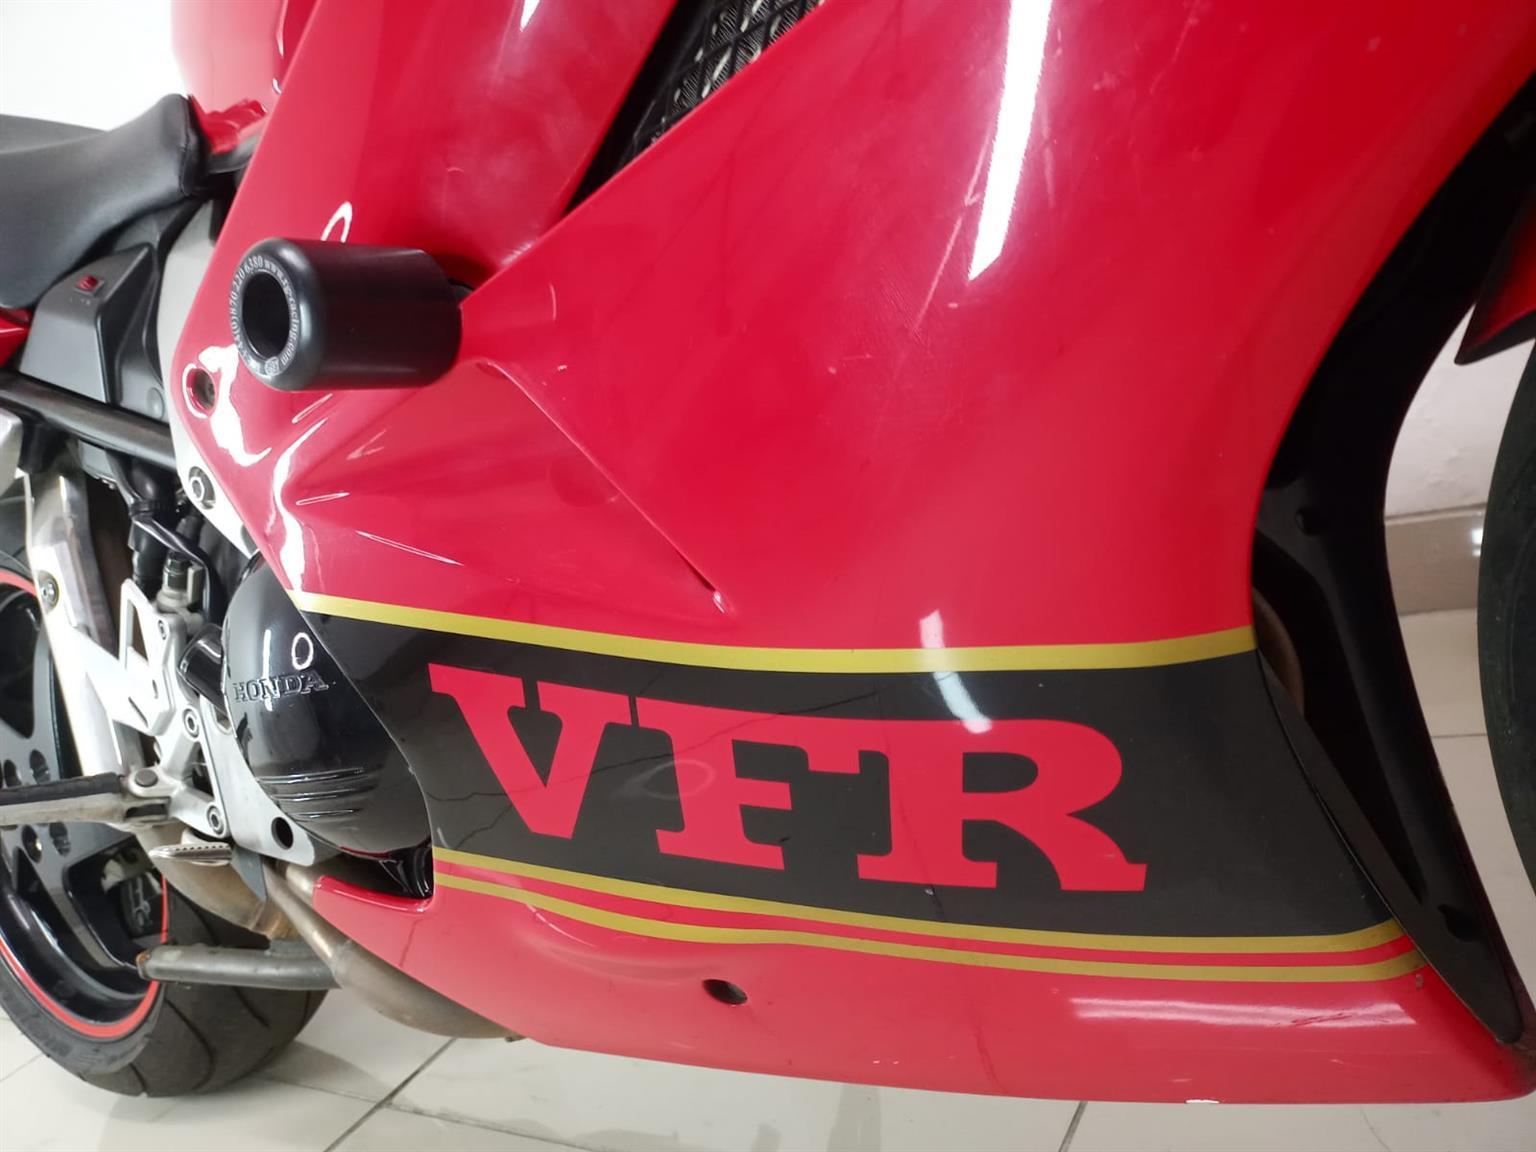 2003 Honda VFR